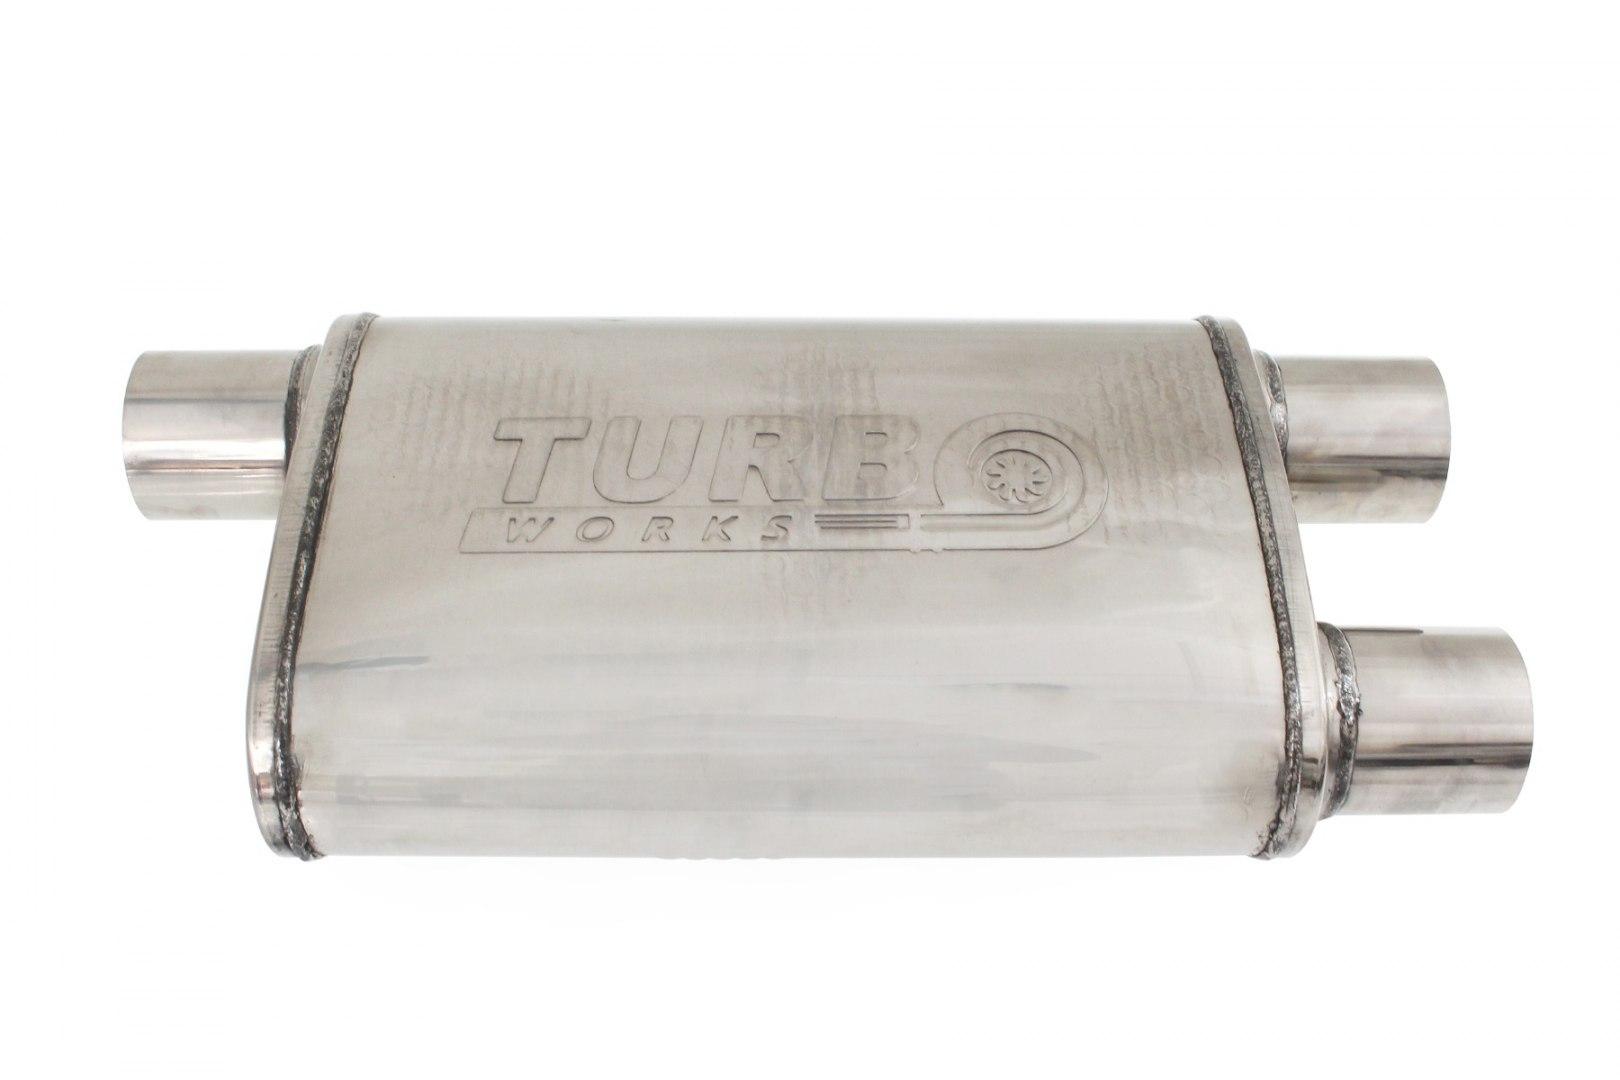 Tłumik Środkowy Tylny 76mm TurboWorks LT 304SS - GRUBYGARAGE - Sklep Tuningowy